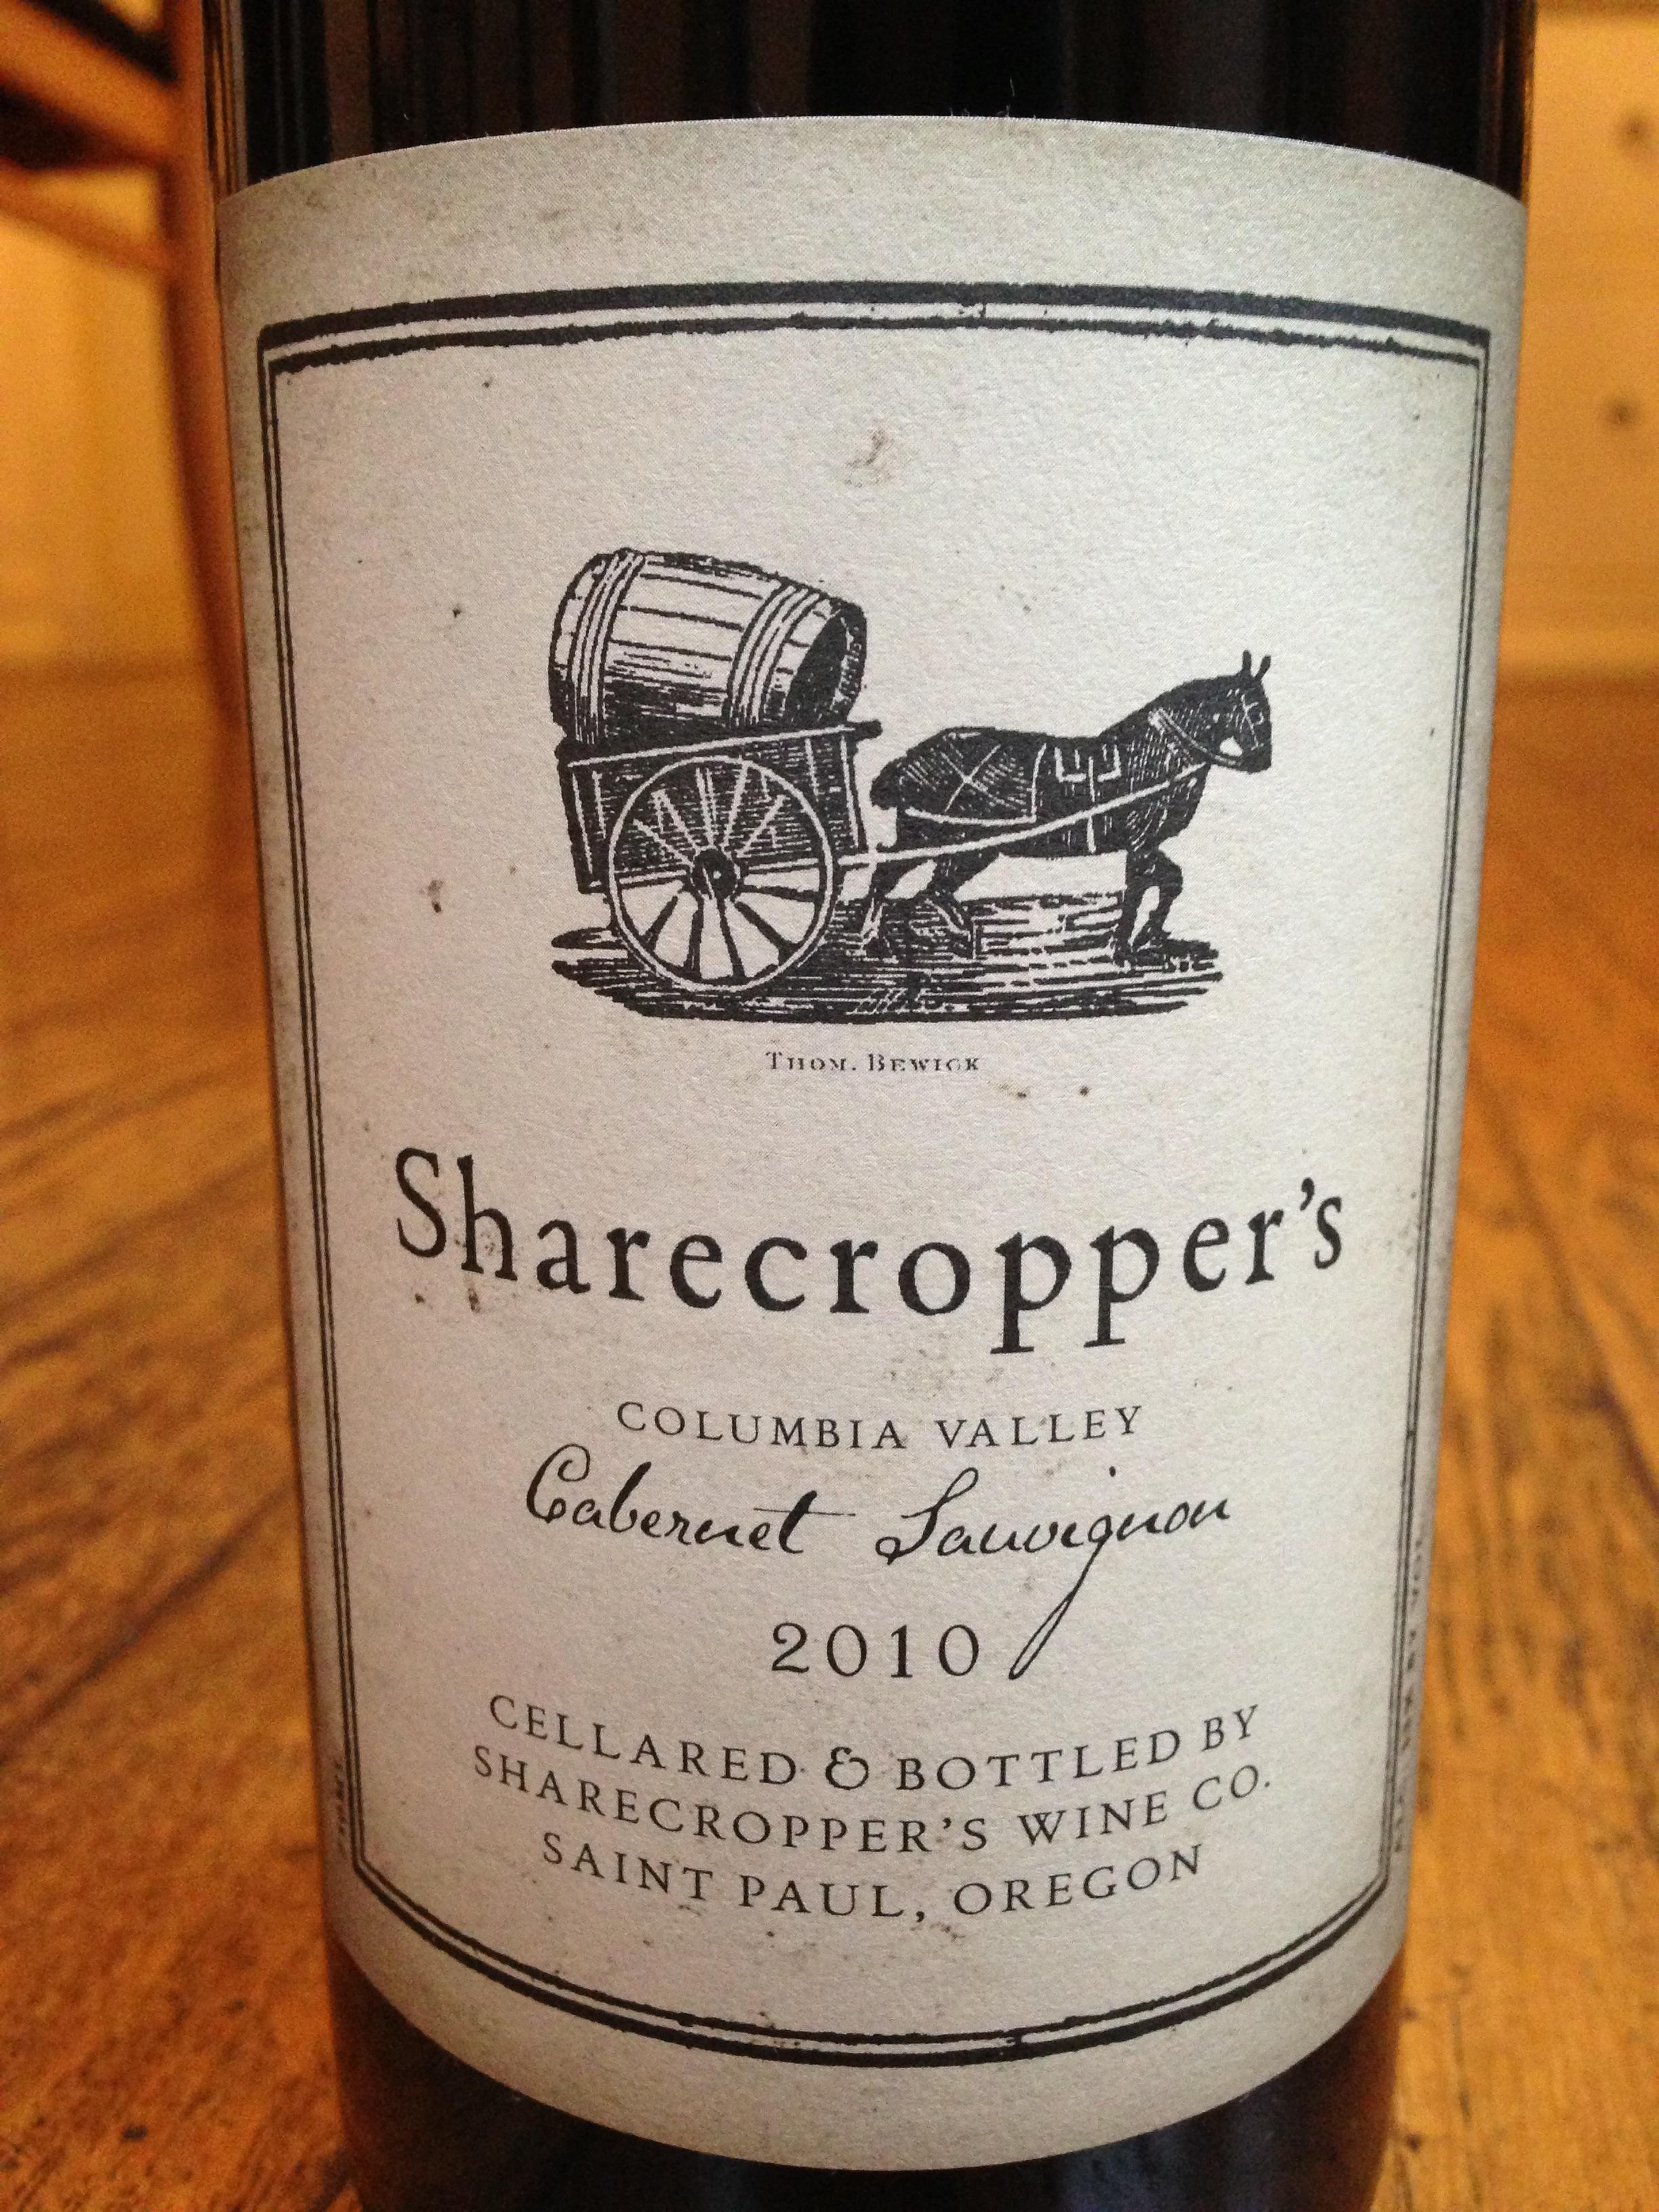 Owen Roe 2010 Sharecropper's Cabernet Sauvignon - Wine Review